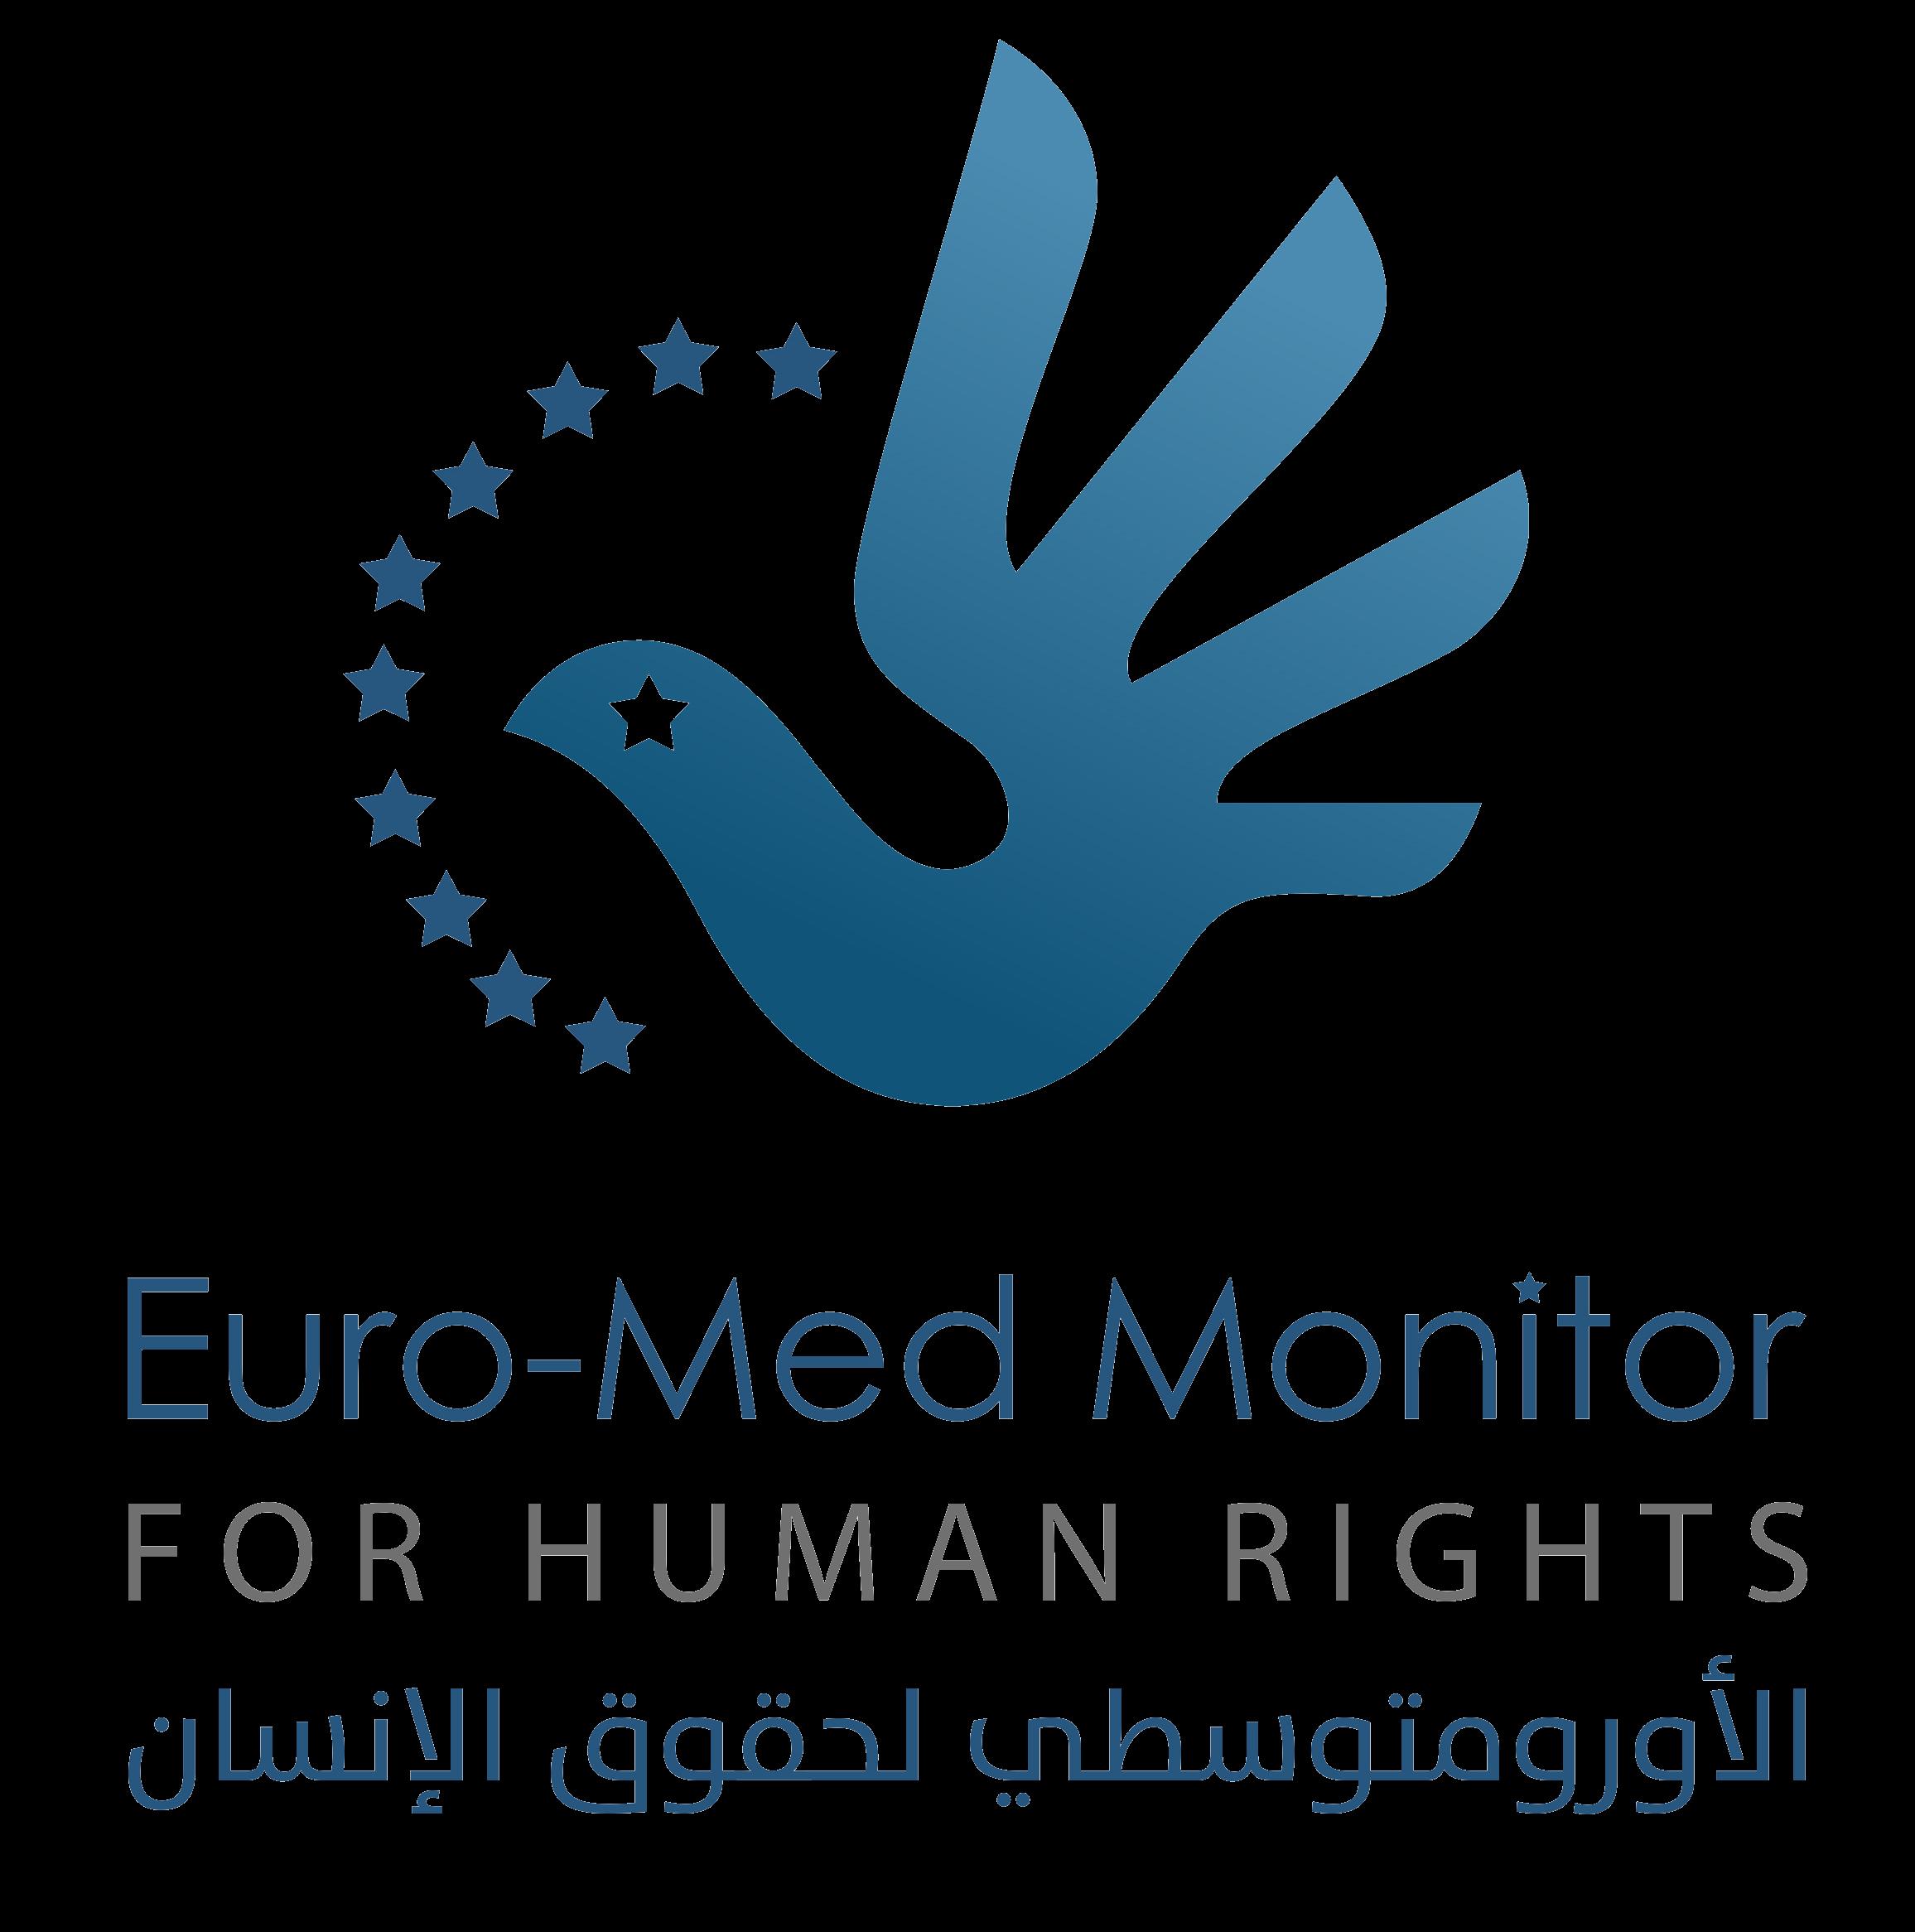 سياسة الخصوصية للمرصد الأورومتوسطي لحقوق الإنسان